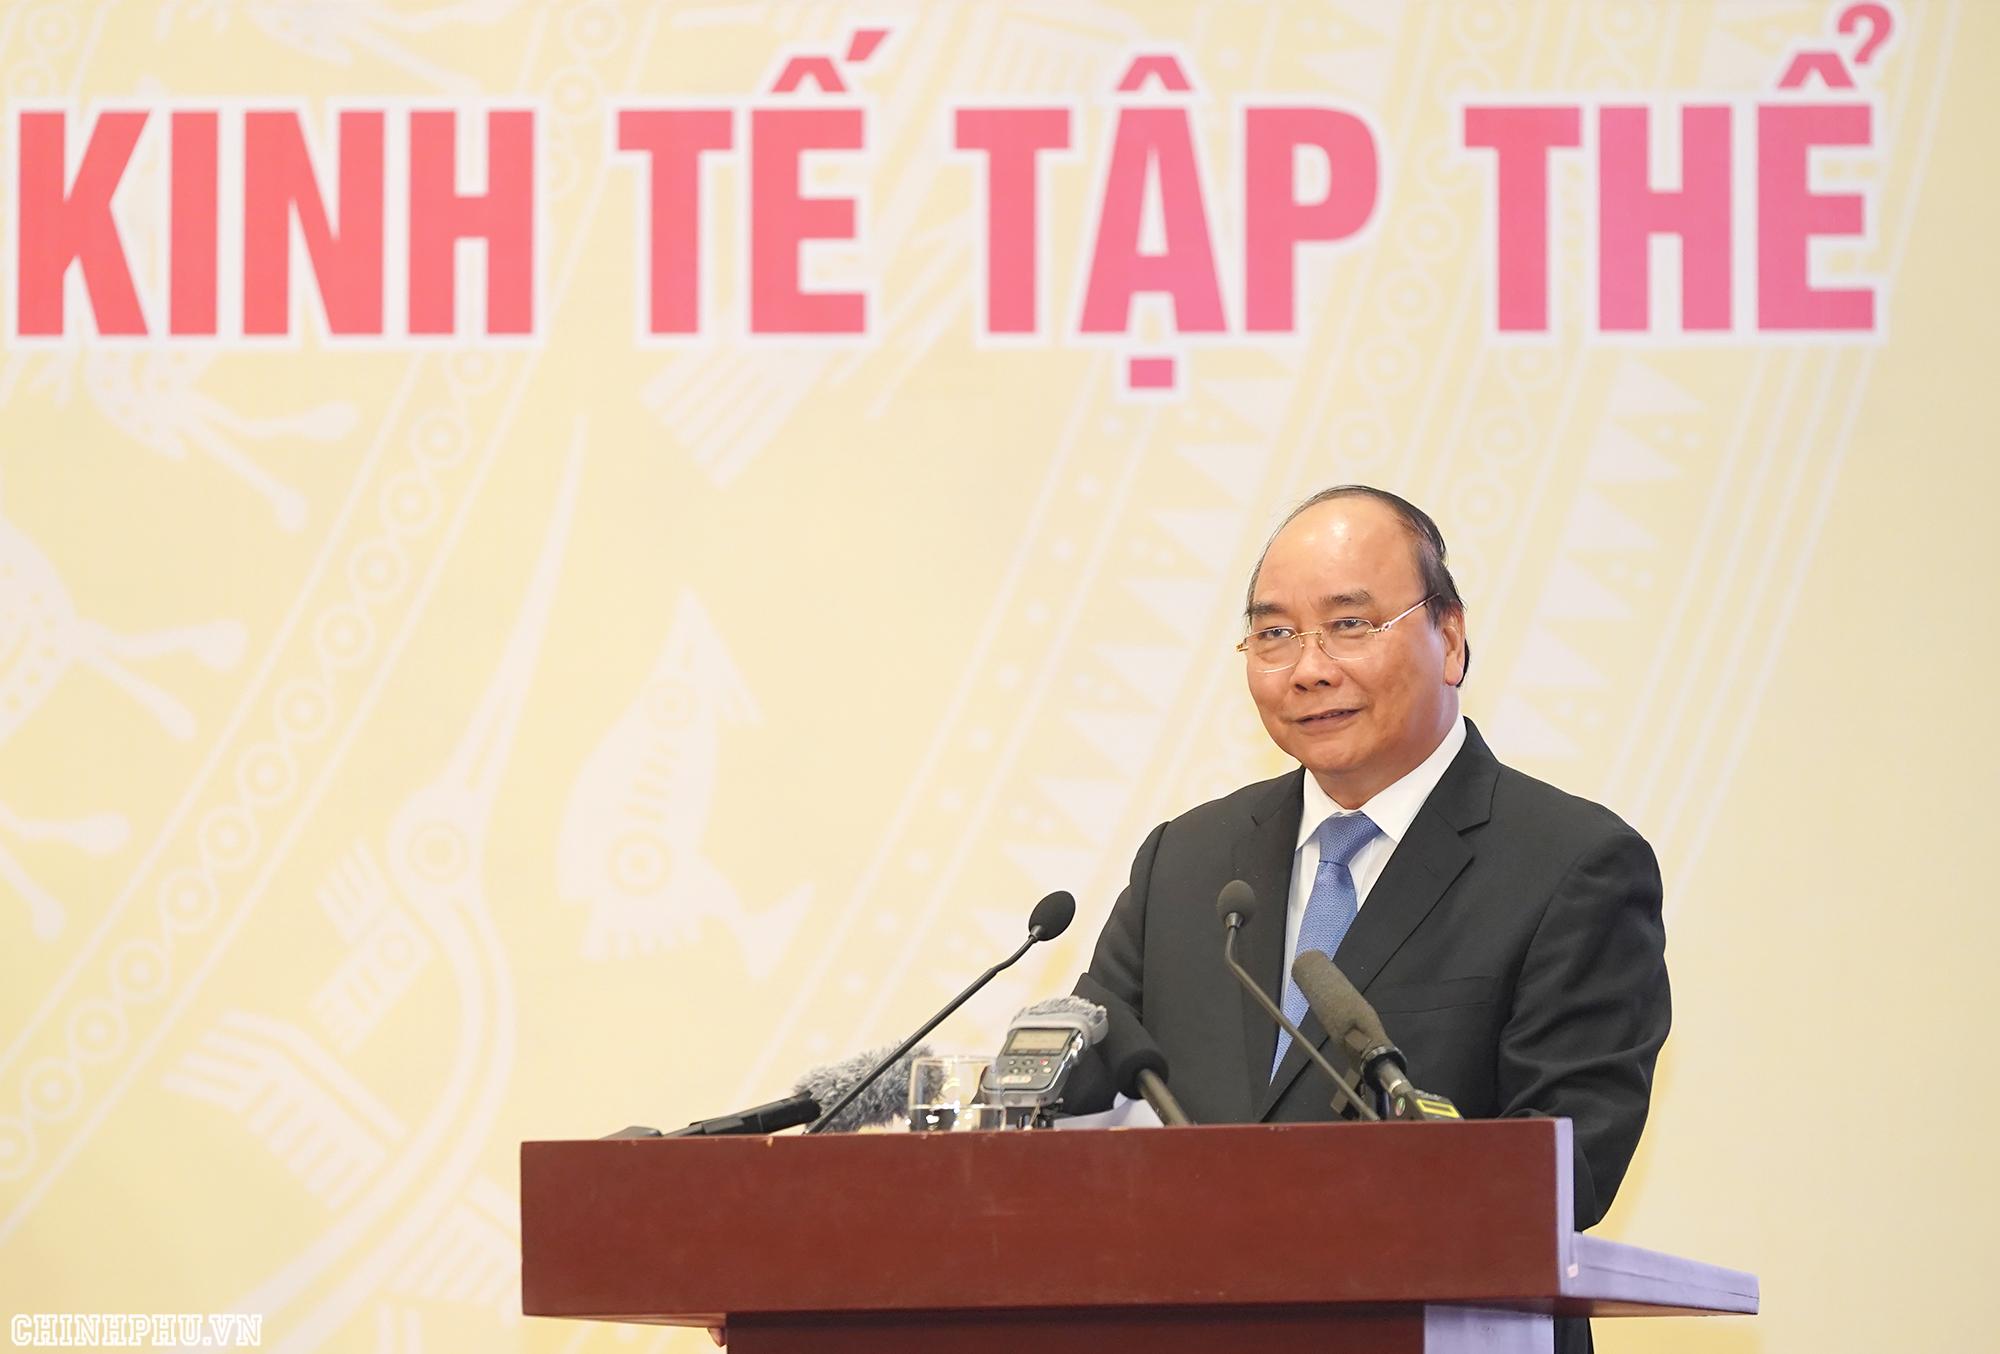 thu tuong khong hop tac thi lam sao chong choi duoc trong kinh te thi truong